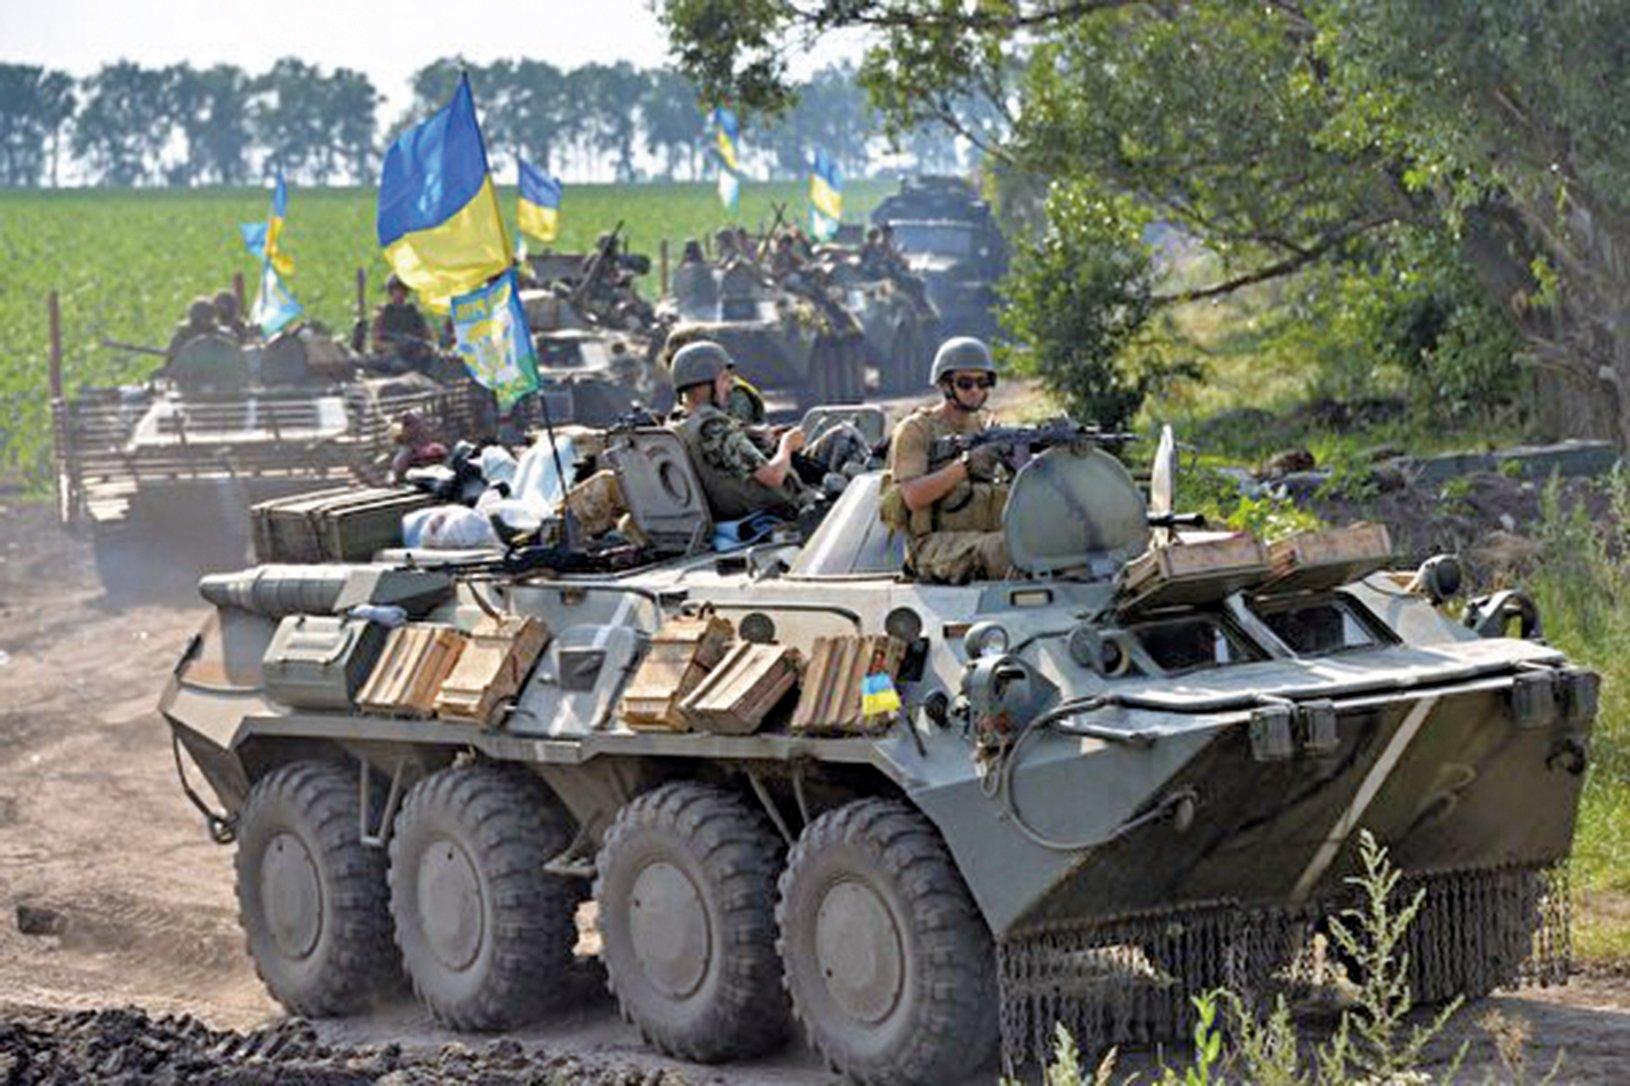 烏克蘭東部烏俄邊境或爆發戰爭;俄羅斯調動上萬軍隊至邊界地區。圖為烏克蘭軍隊。(AFP)